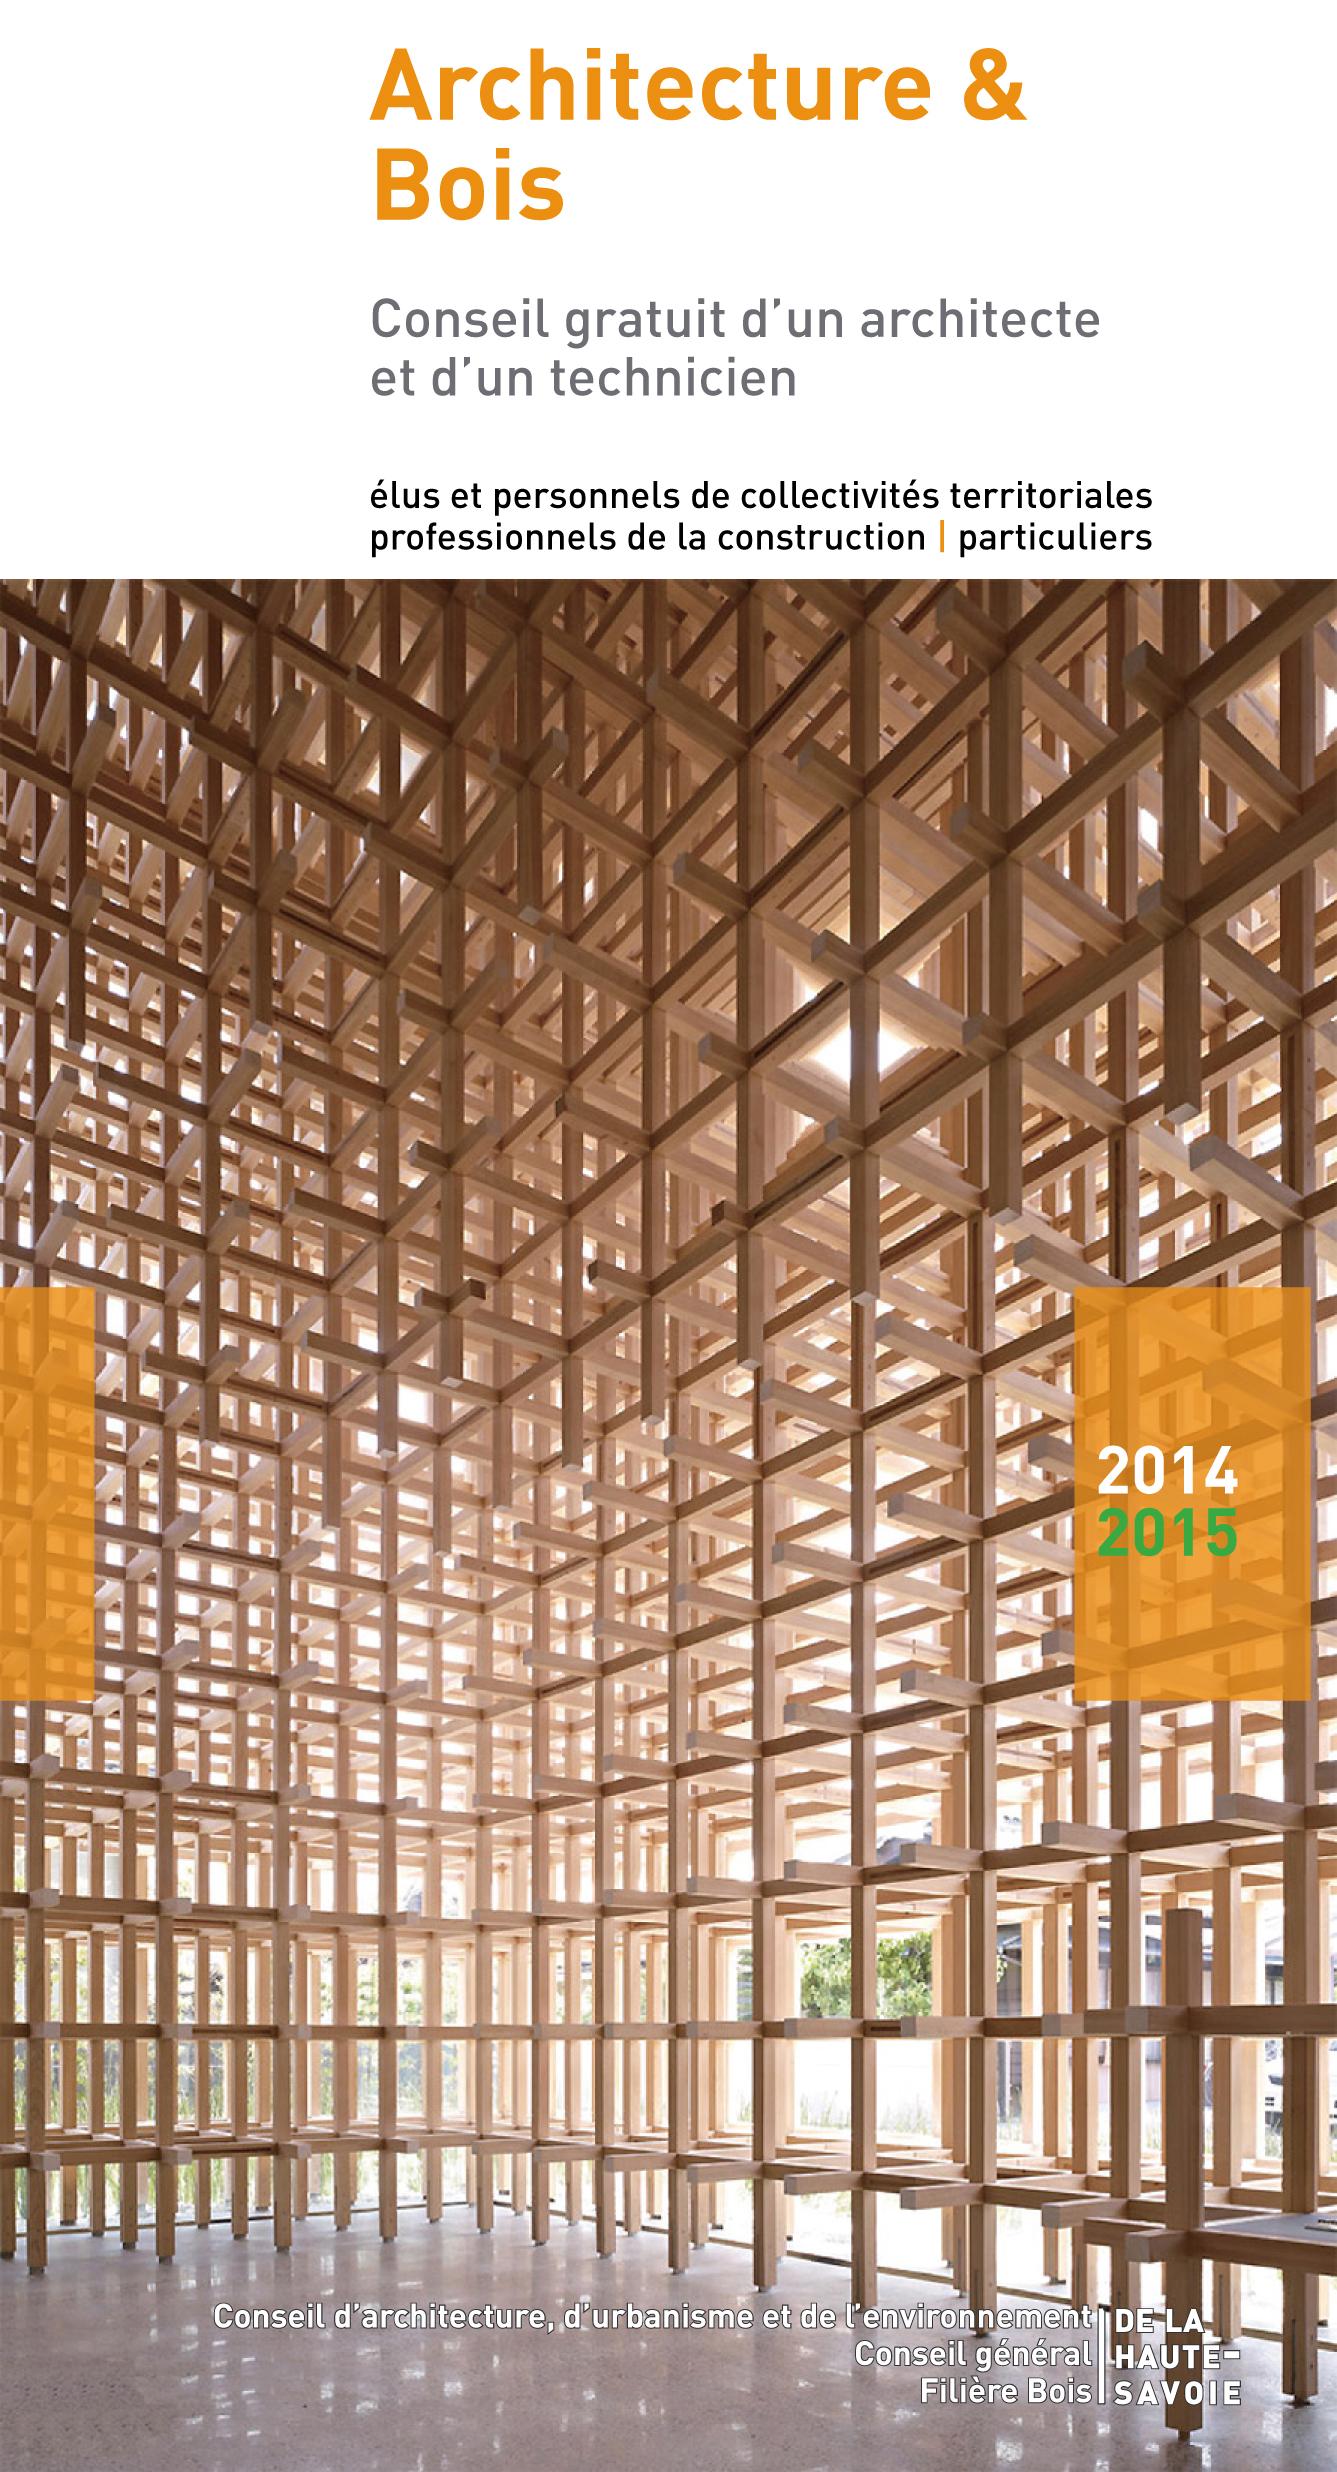 Flyer architecture bois 2014-2015